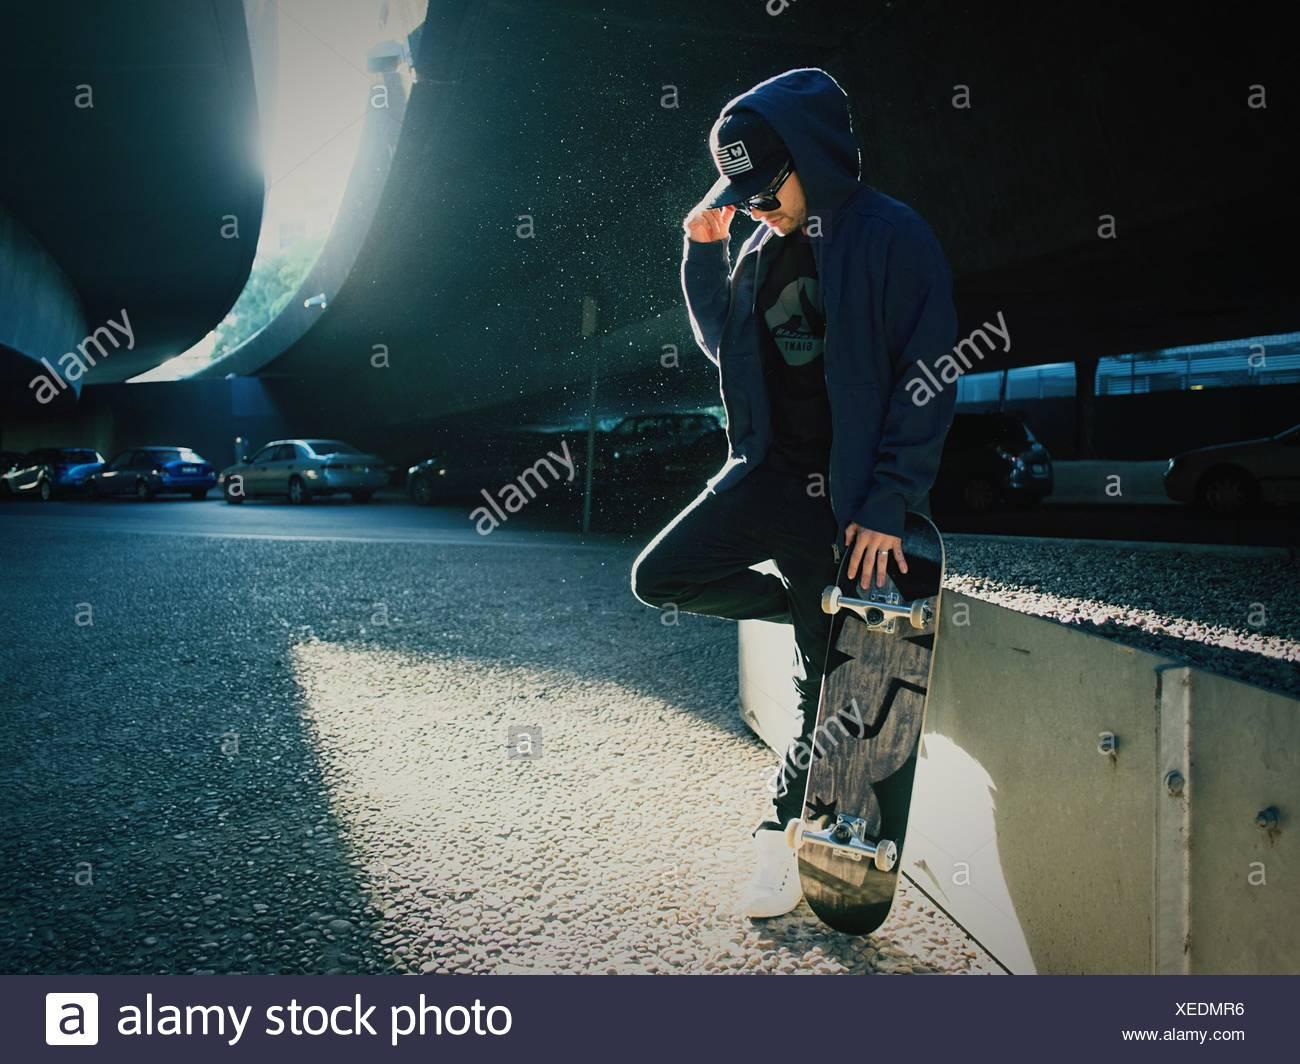 Junger Mann Stehen Auf Einem Bein Mit Skateboard Unter Brücke